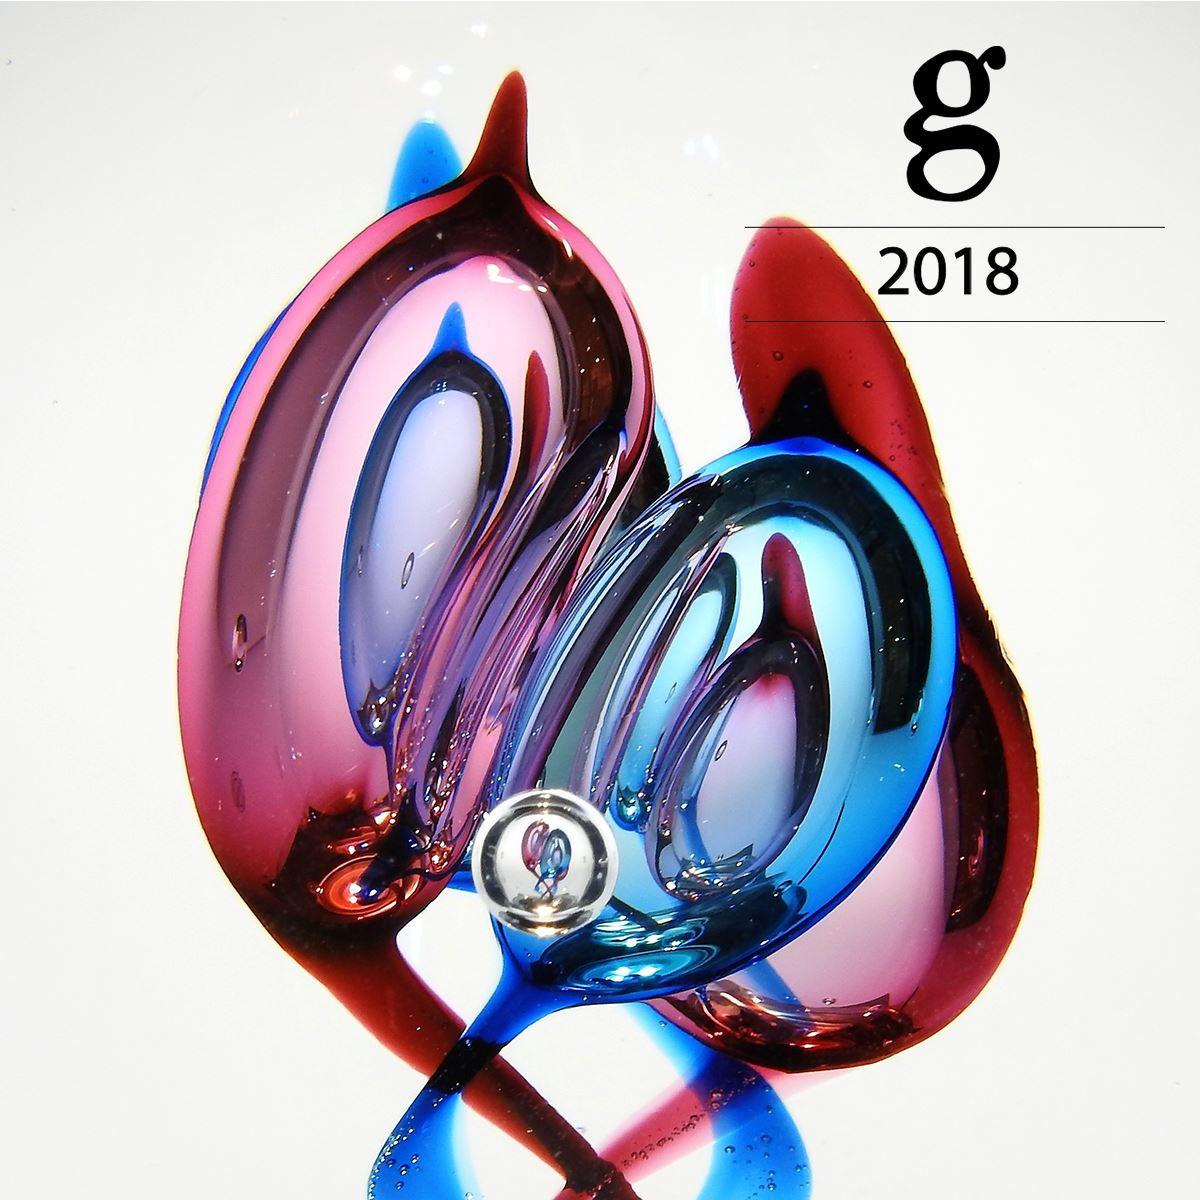 GLASKONST 2018 BERGDALAHYTTAN